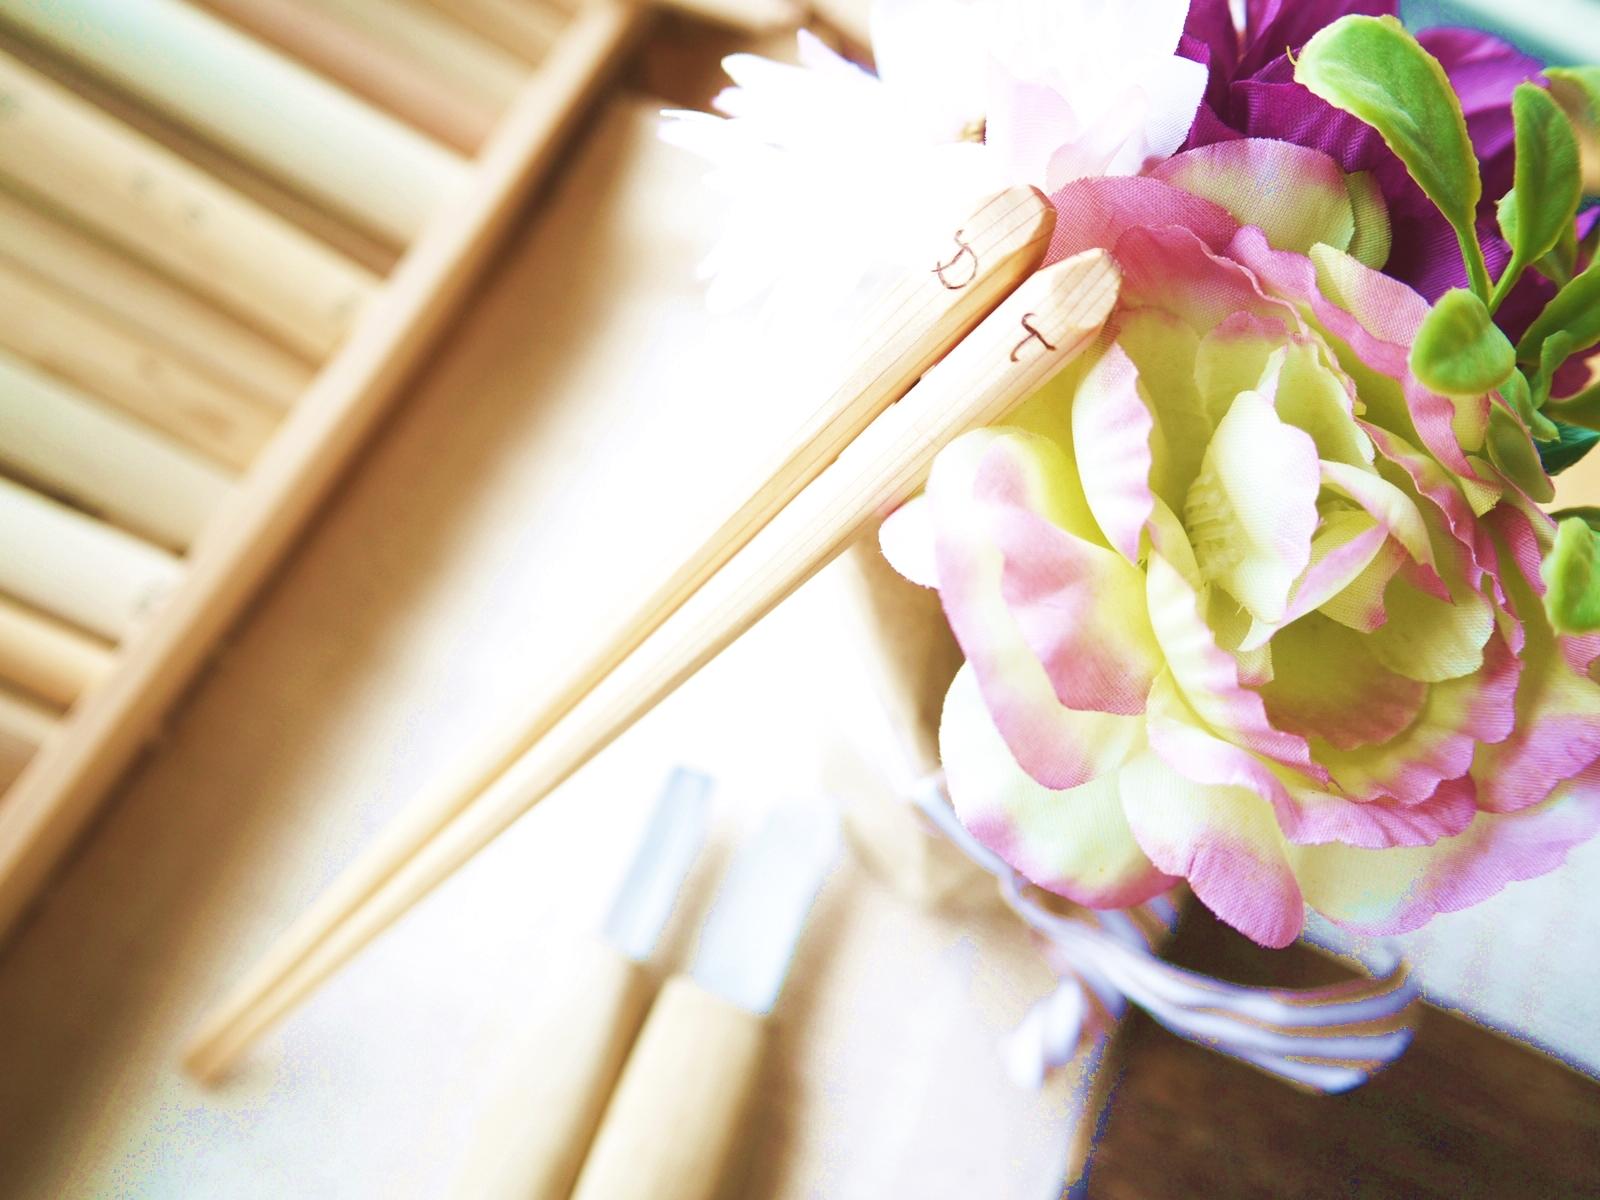 夏休みの宿題片づけます!木彫りで作るマイ箸制作体験やります!